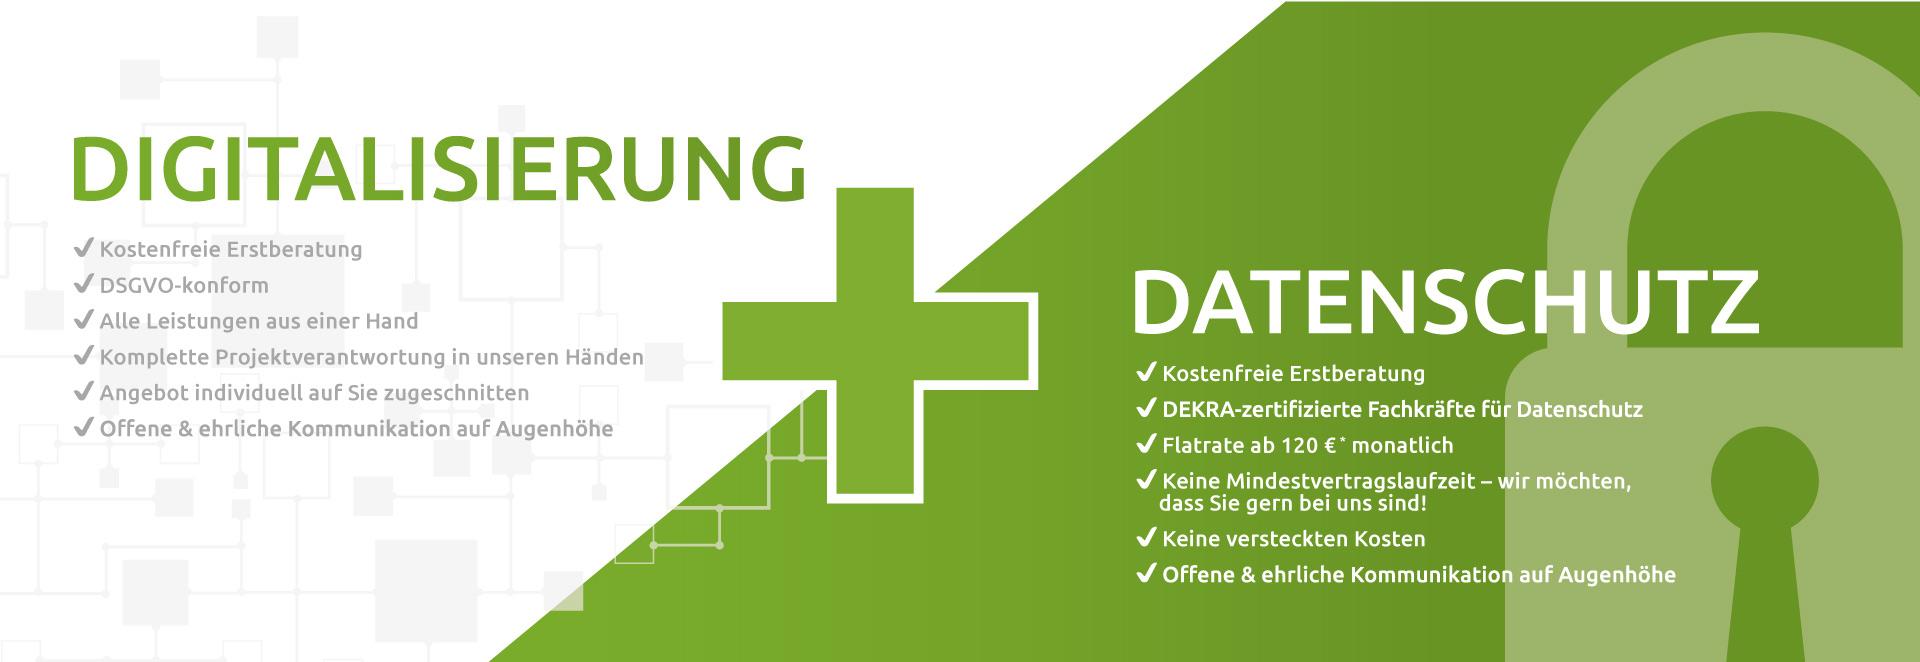 Digitalisierung und Datenschutz